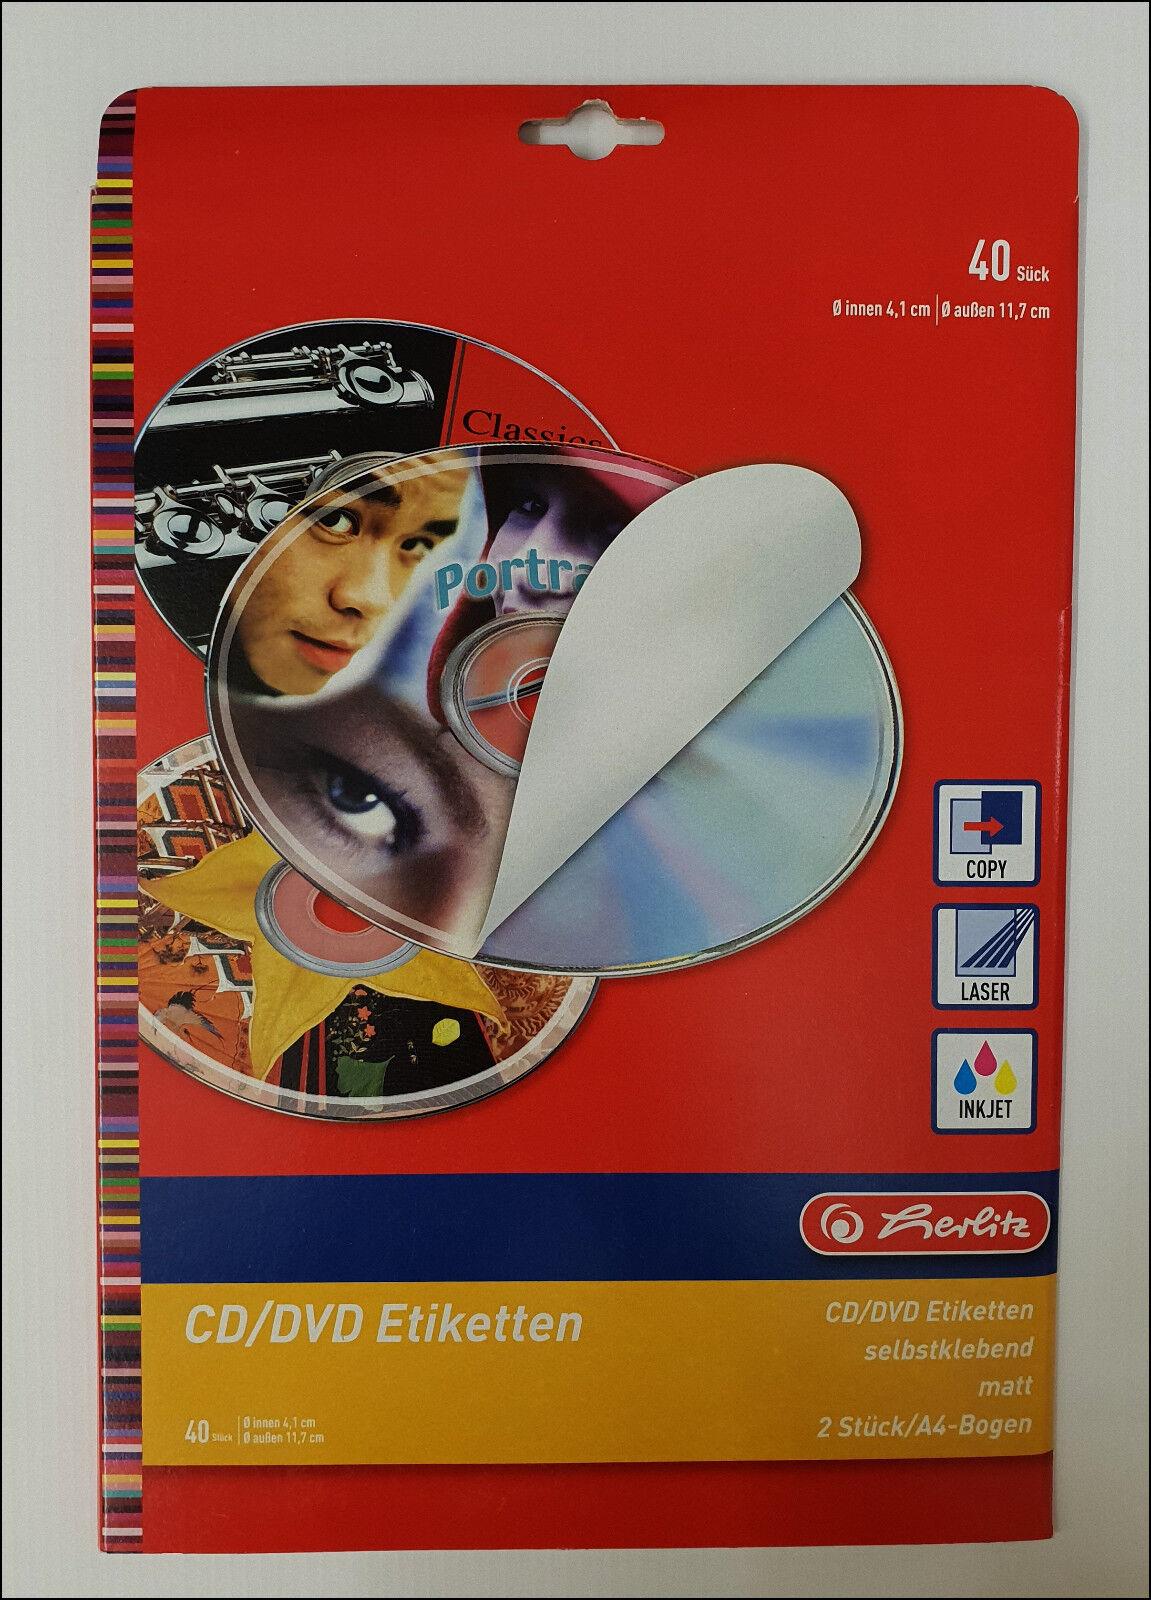 Herlitz CD/DVD Etiketten Selbstklebend Weiß Matt 40 Stück Neuware